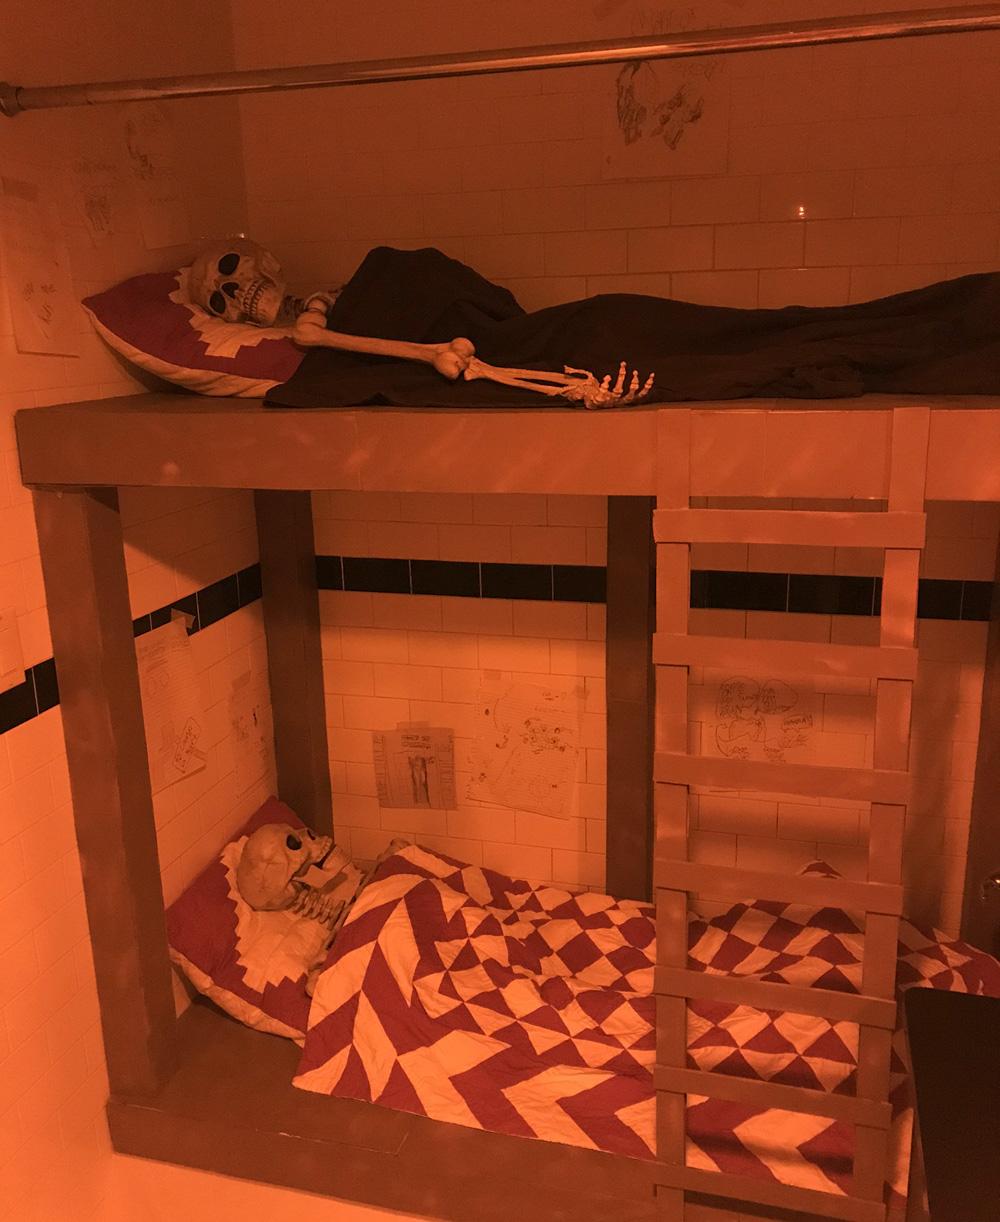 Skeleton bunk beds prop - done!